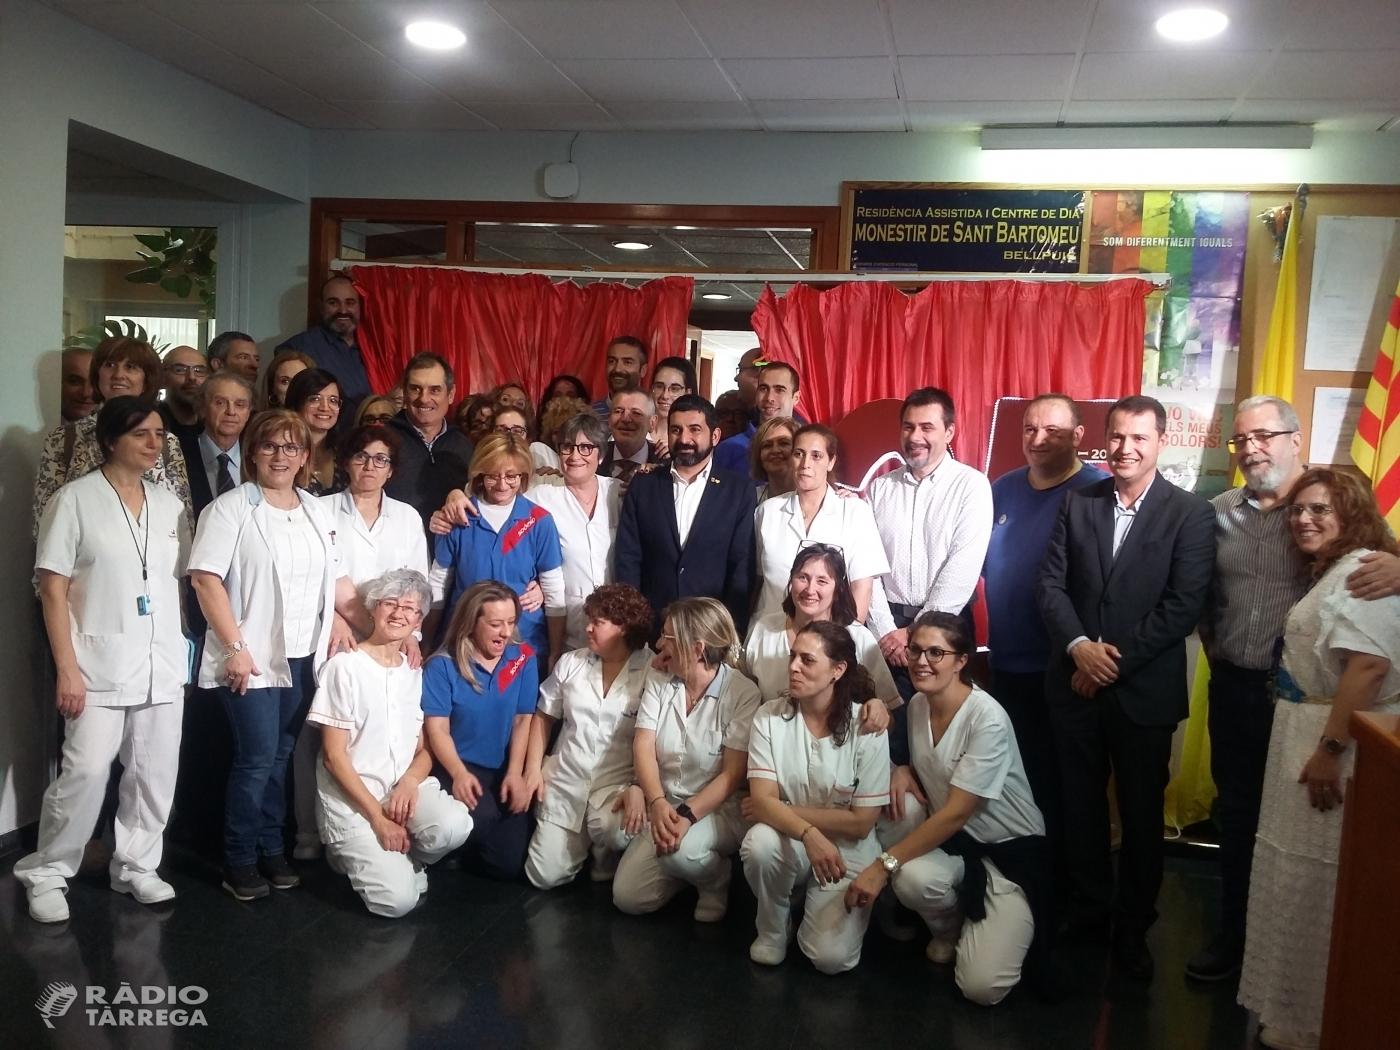 La residència de Bellpuig celebra 25 anys amb la visita del conseller El Homrani